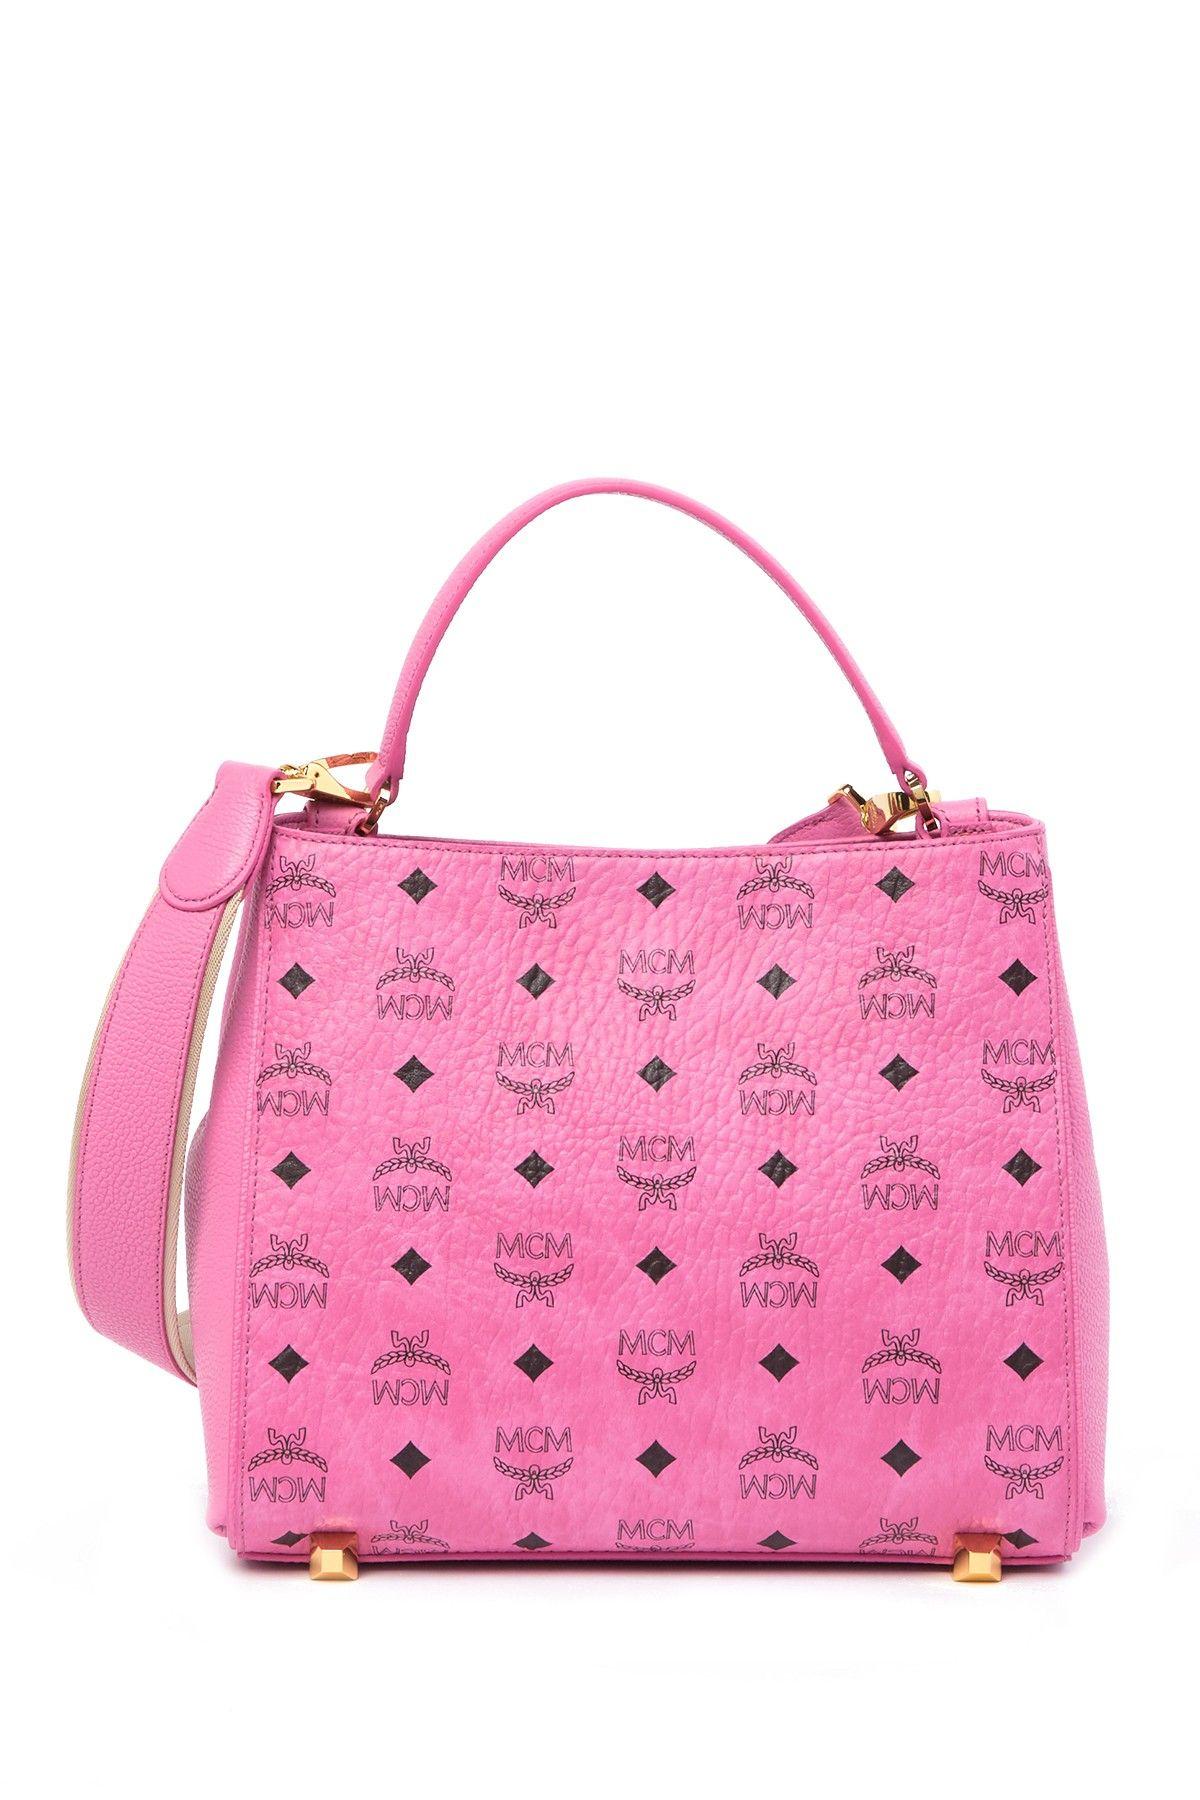 mcm brand logo shoulder bag